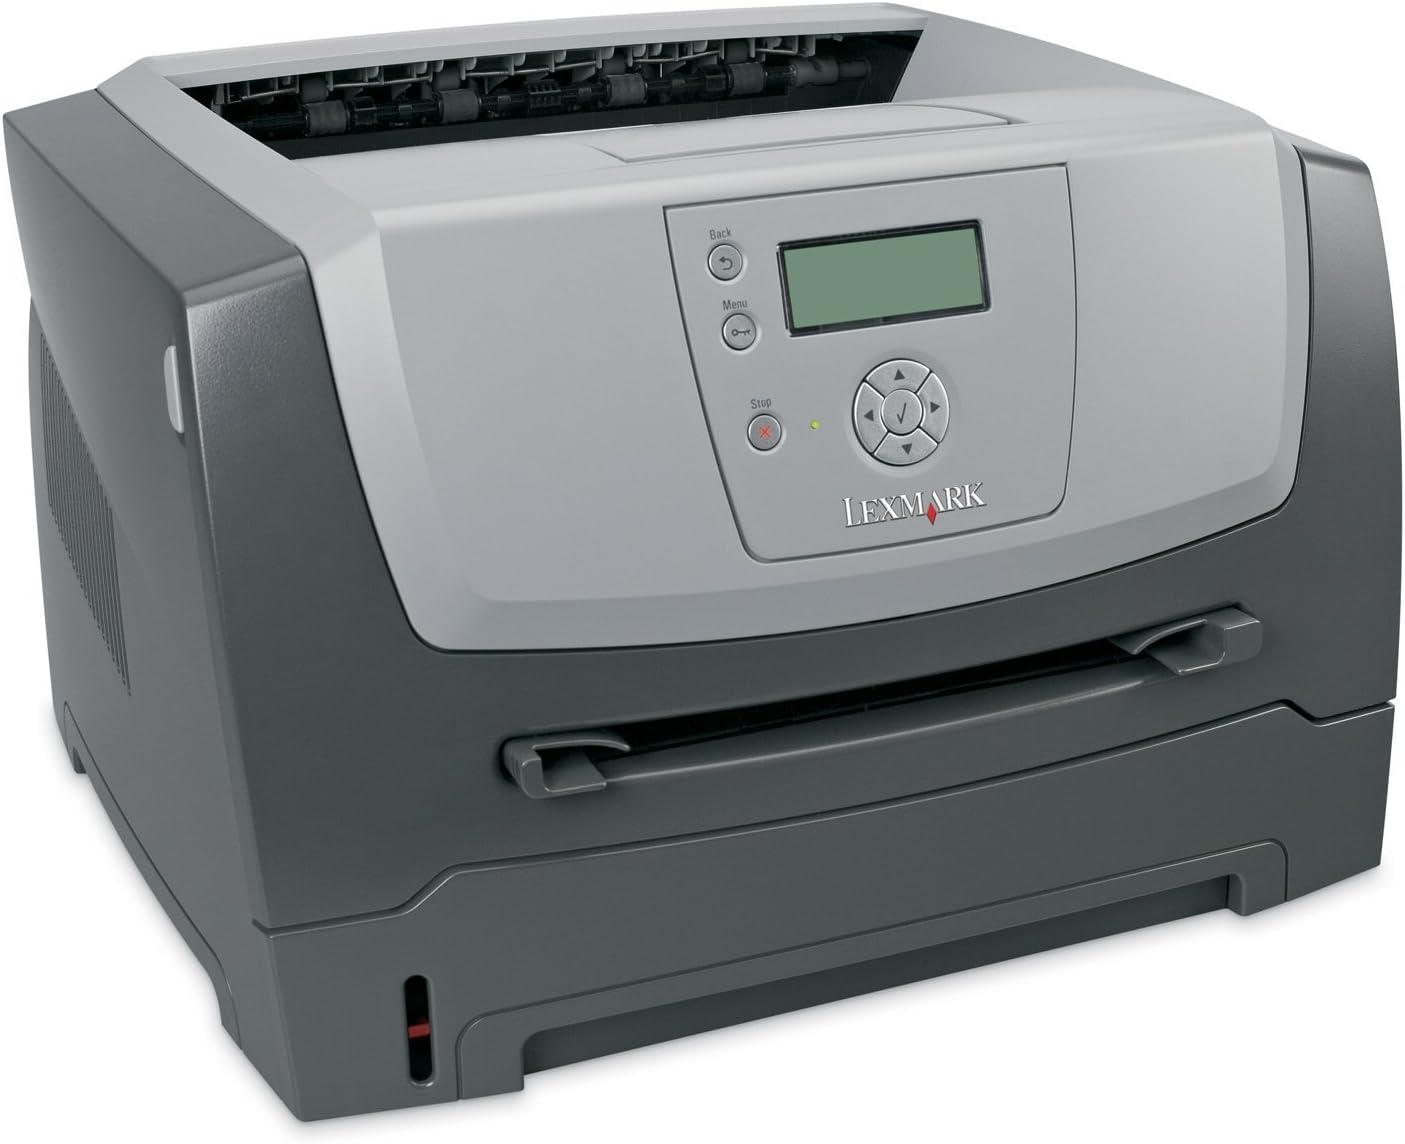 Amazon.com: Lexmark E450dn monocromo Impresora láser ...